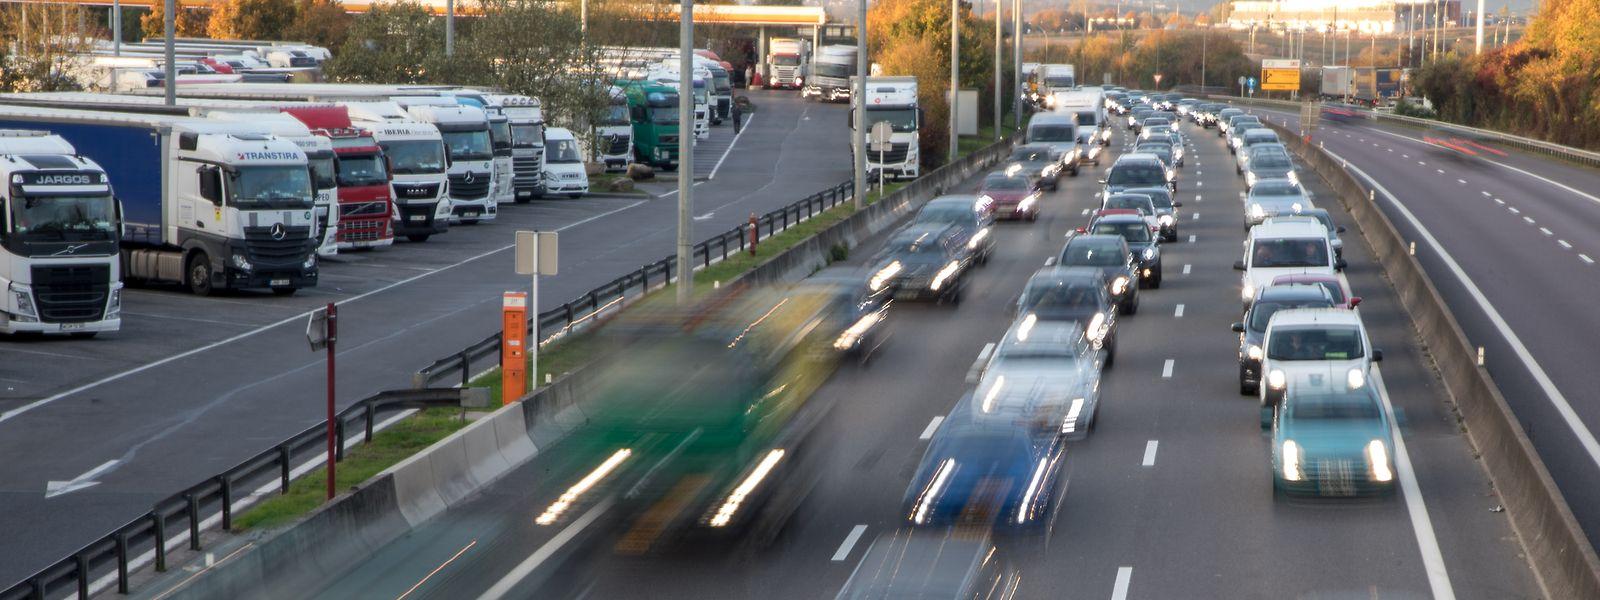 La 3e voie créée sur les 12 km devrait être dédiée au covoiturage et aux transports en commun.